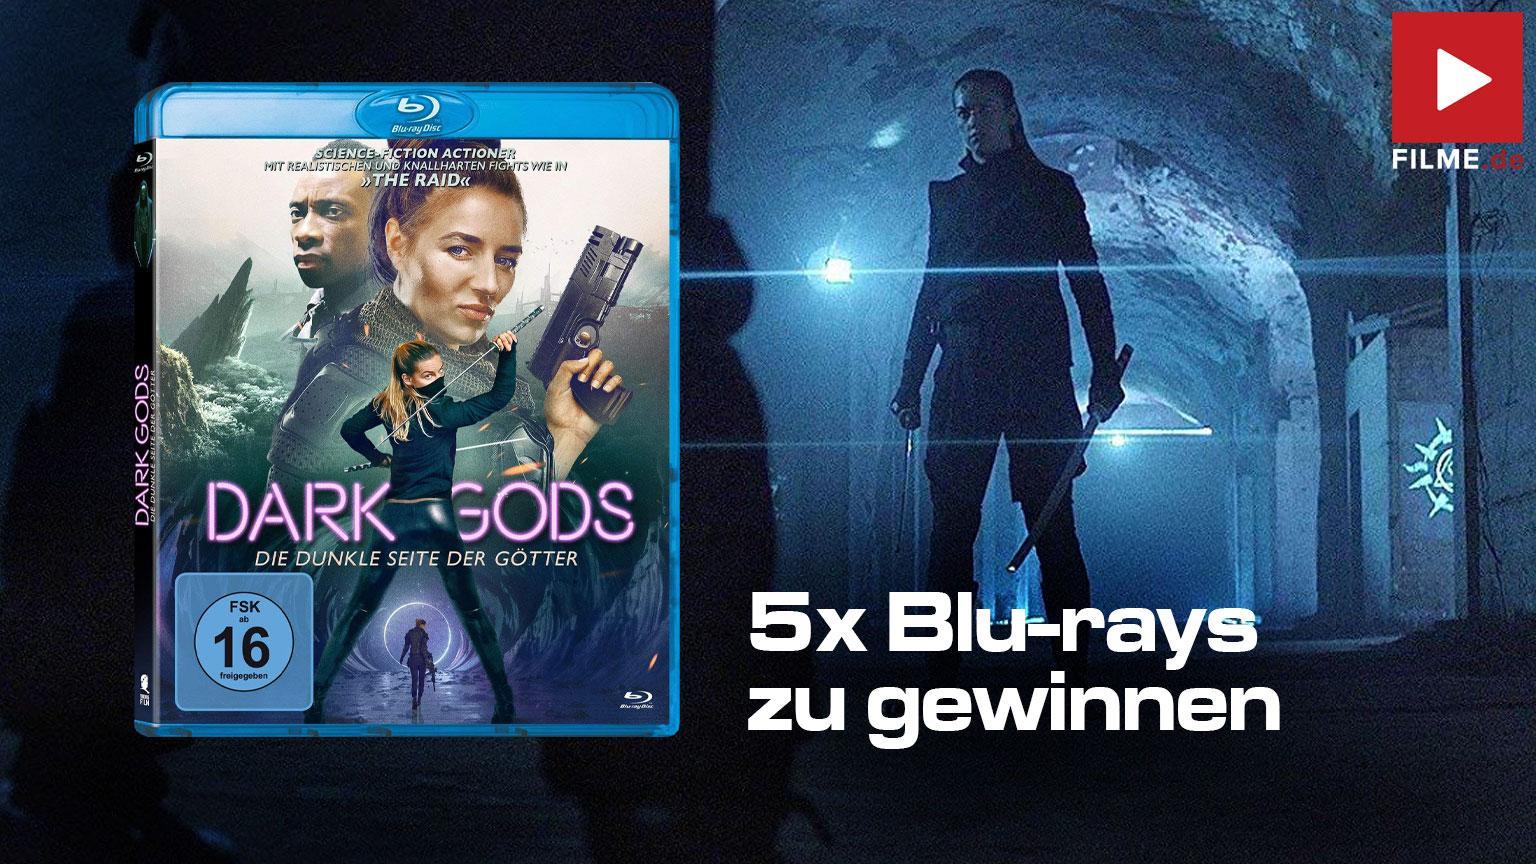 Dark Gods - Die dunkle Seite der Götter Gewinnspiel Artikelbild